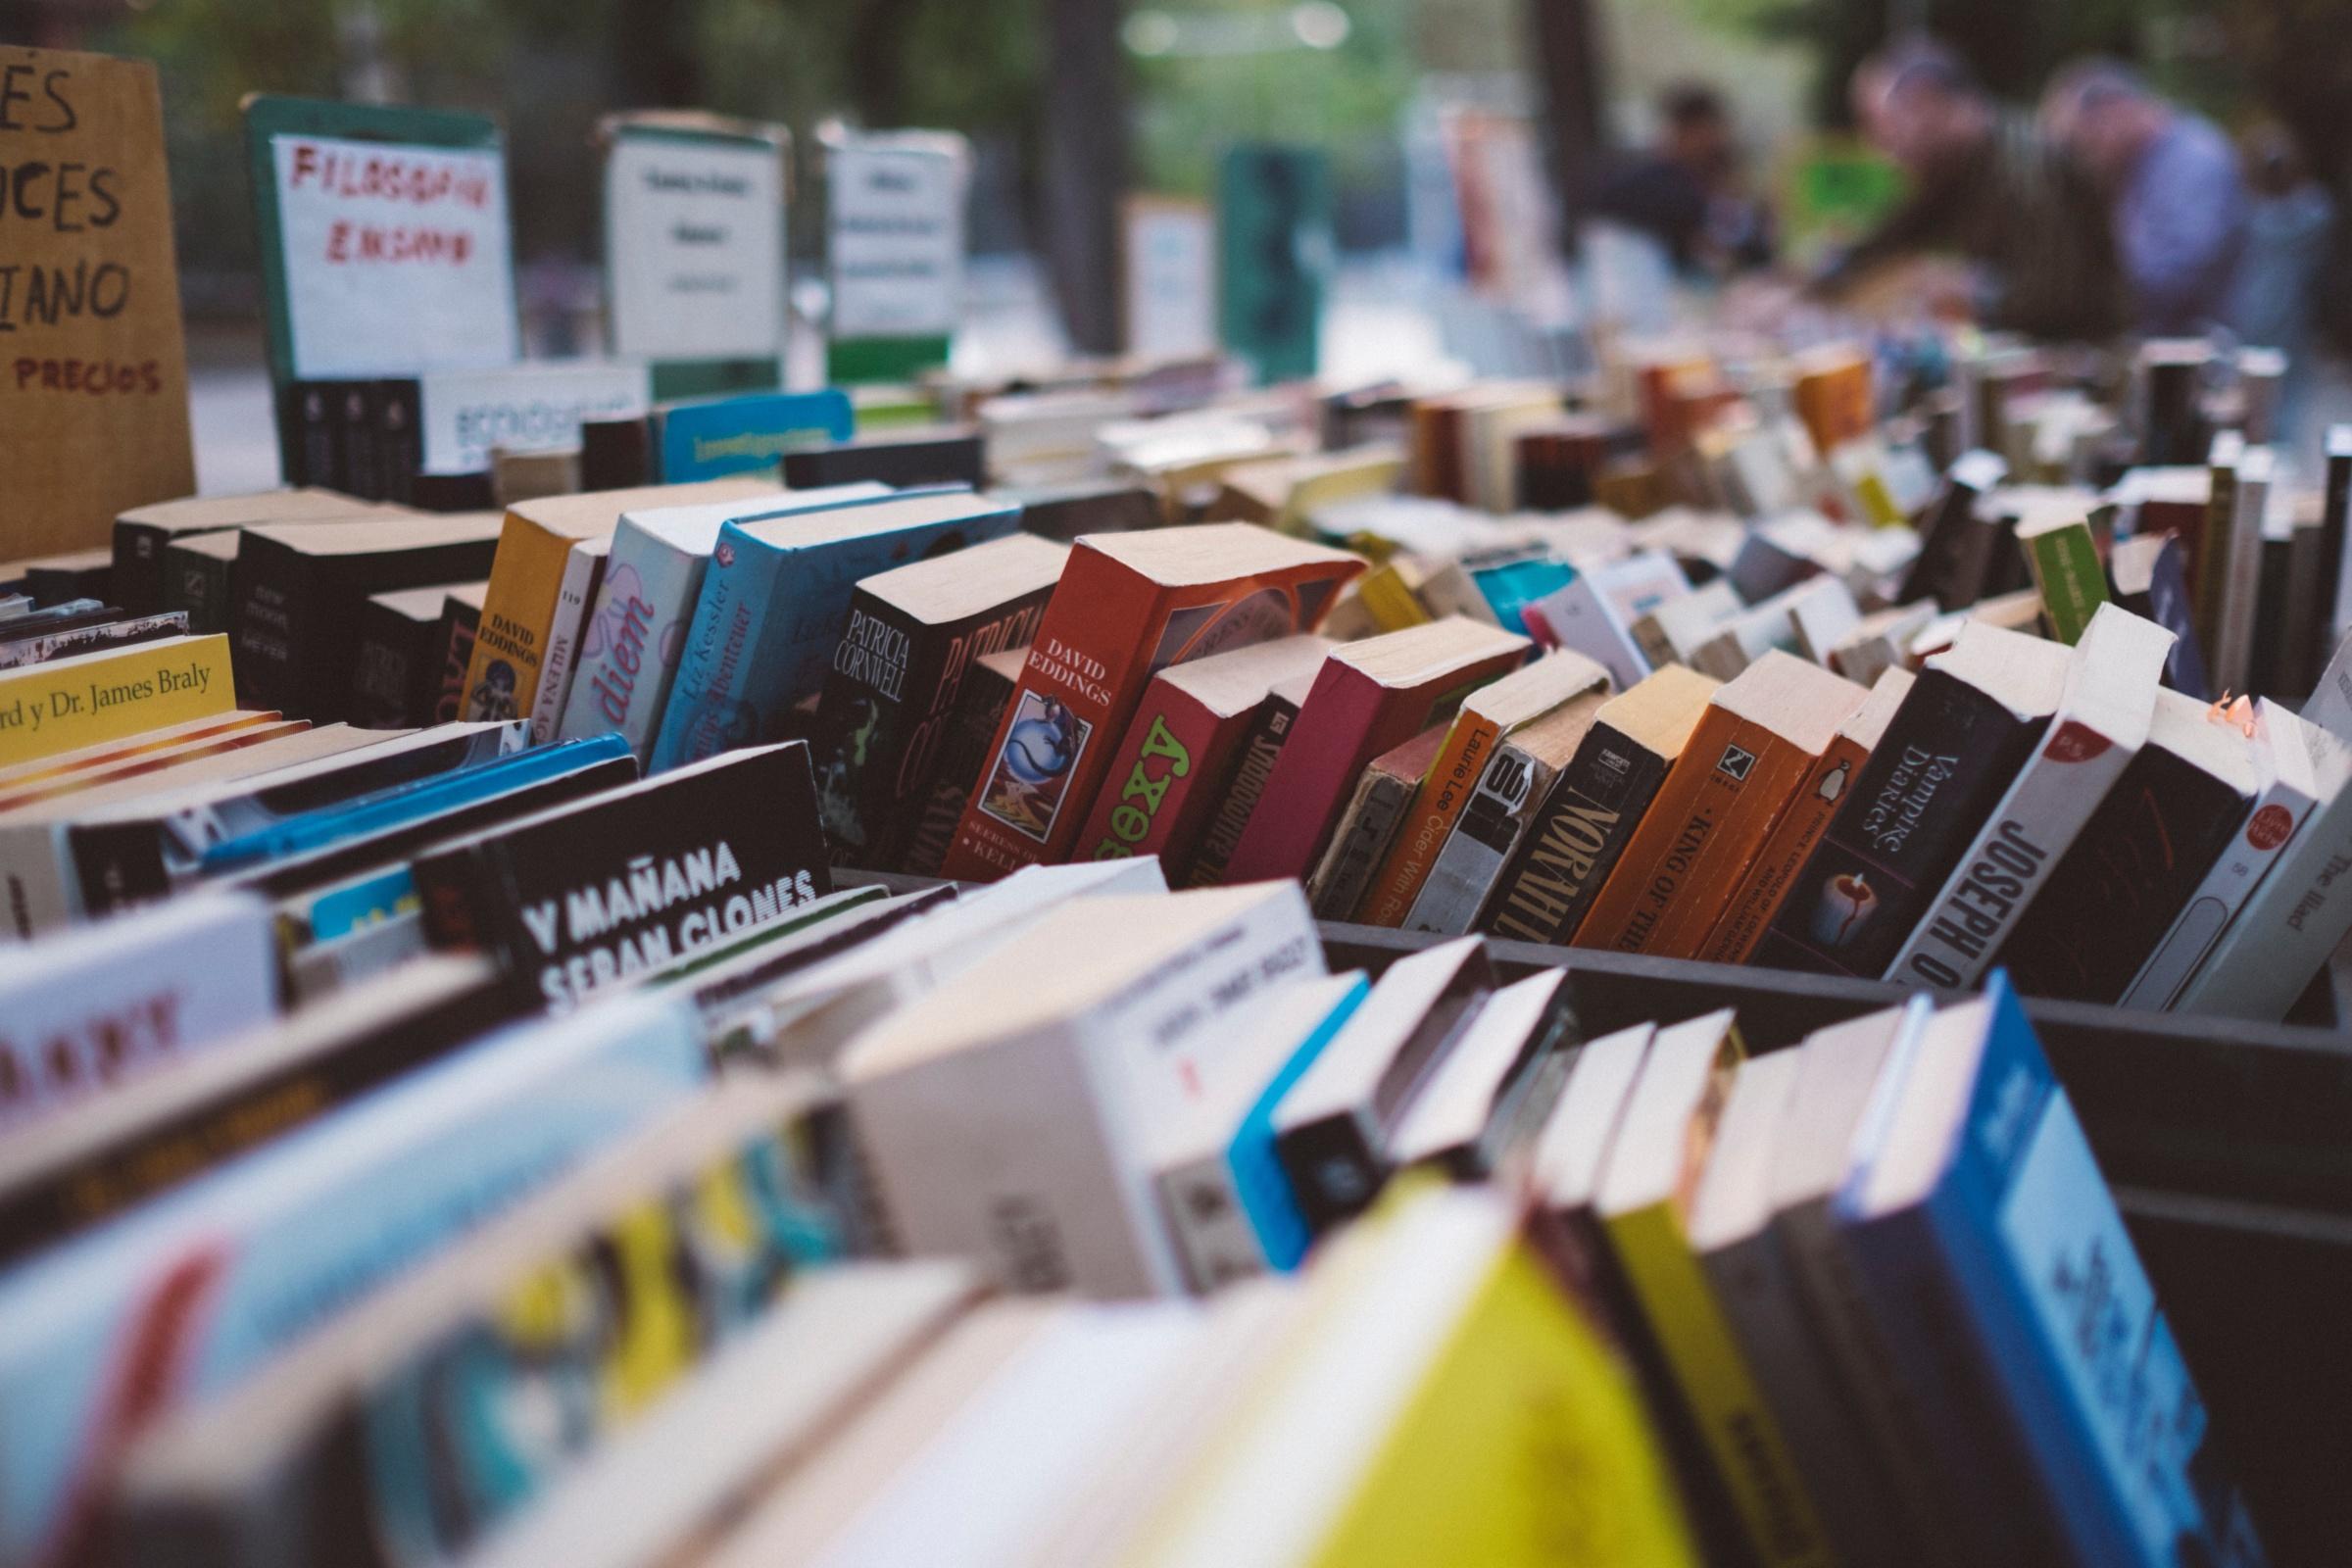 Үндэсний ном, бичиг соёлын өдрүүдэд бүх нийтээр амрахгүй